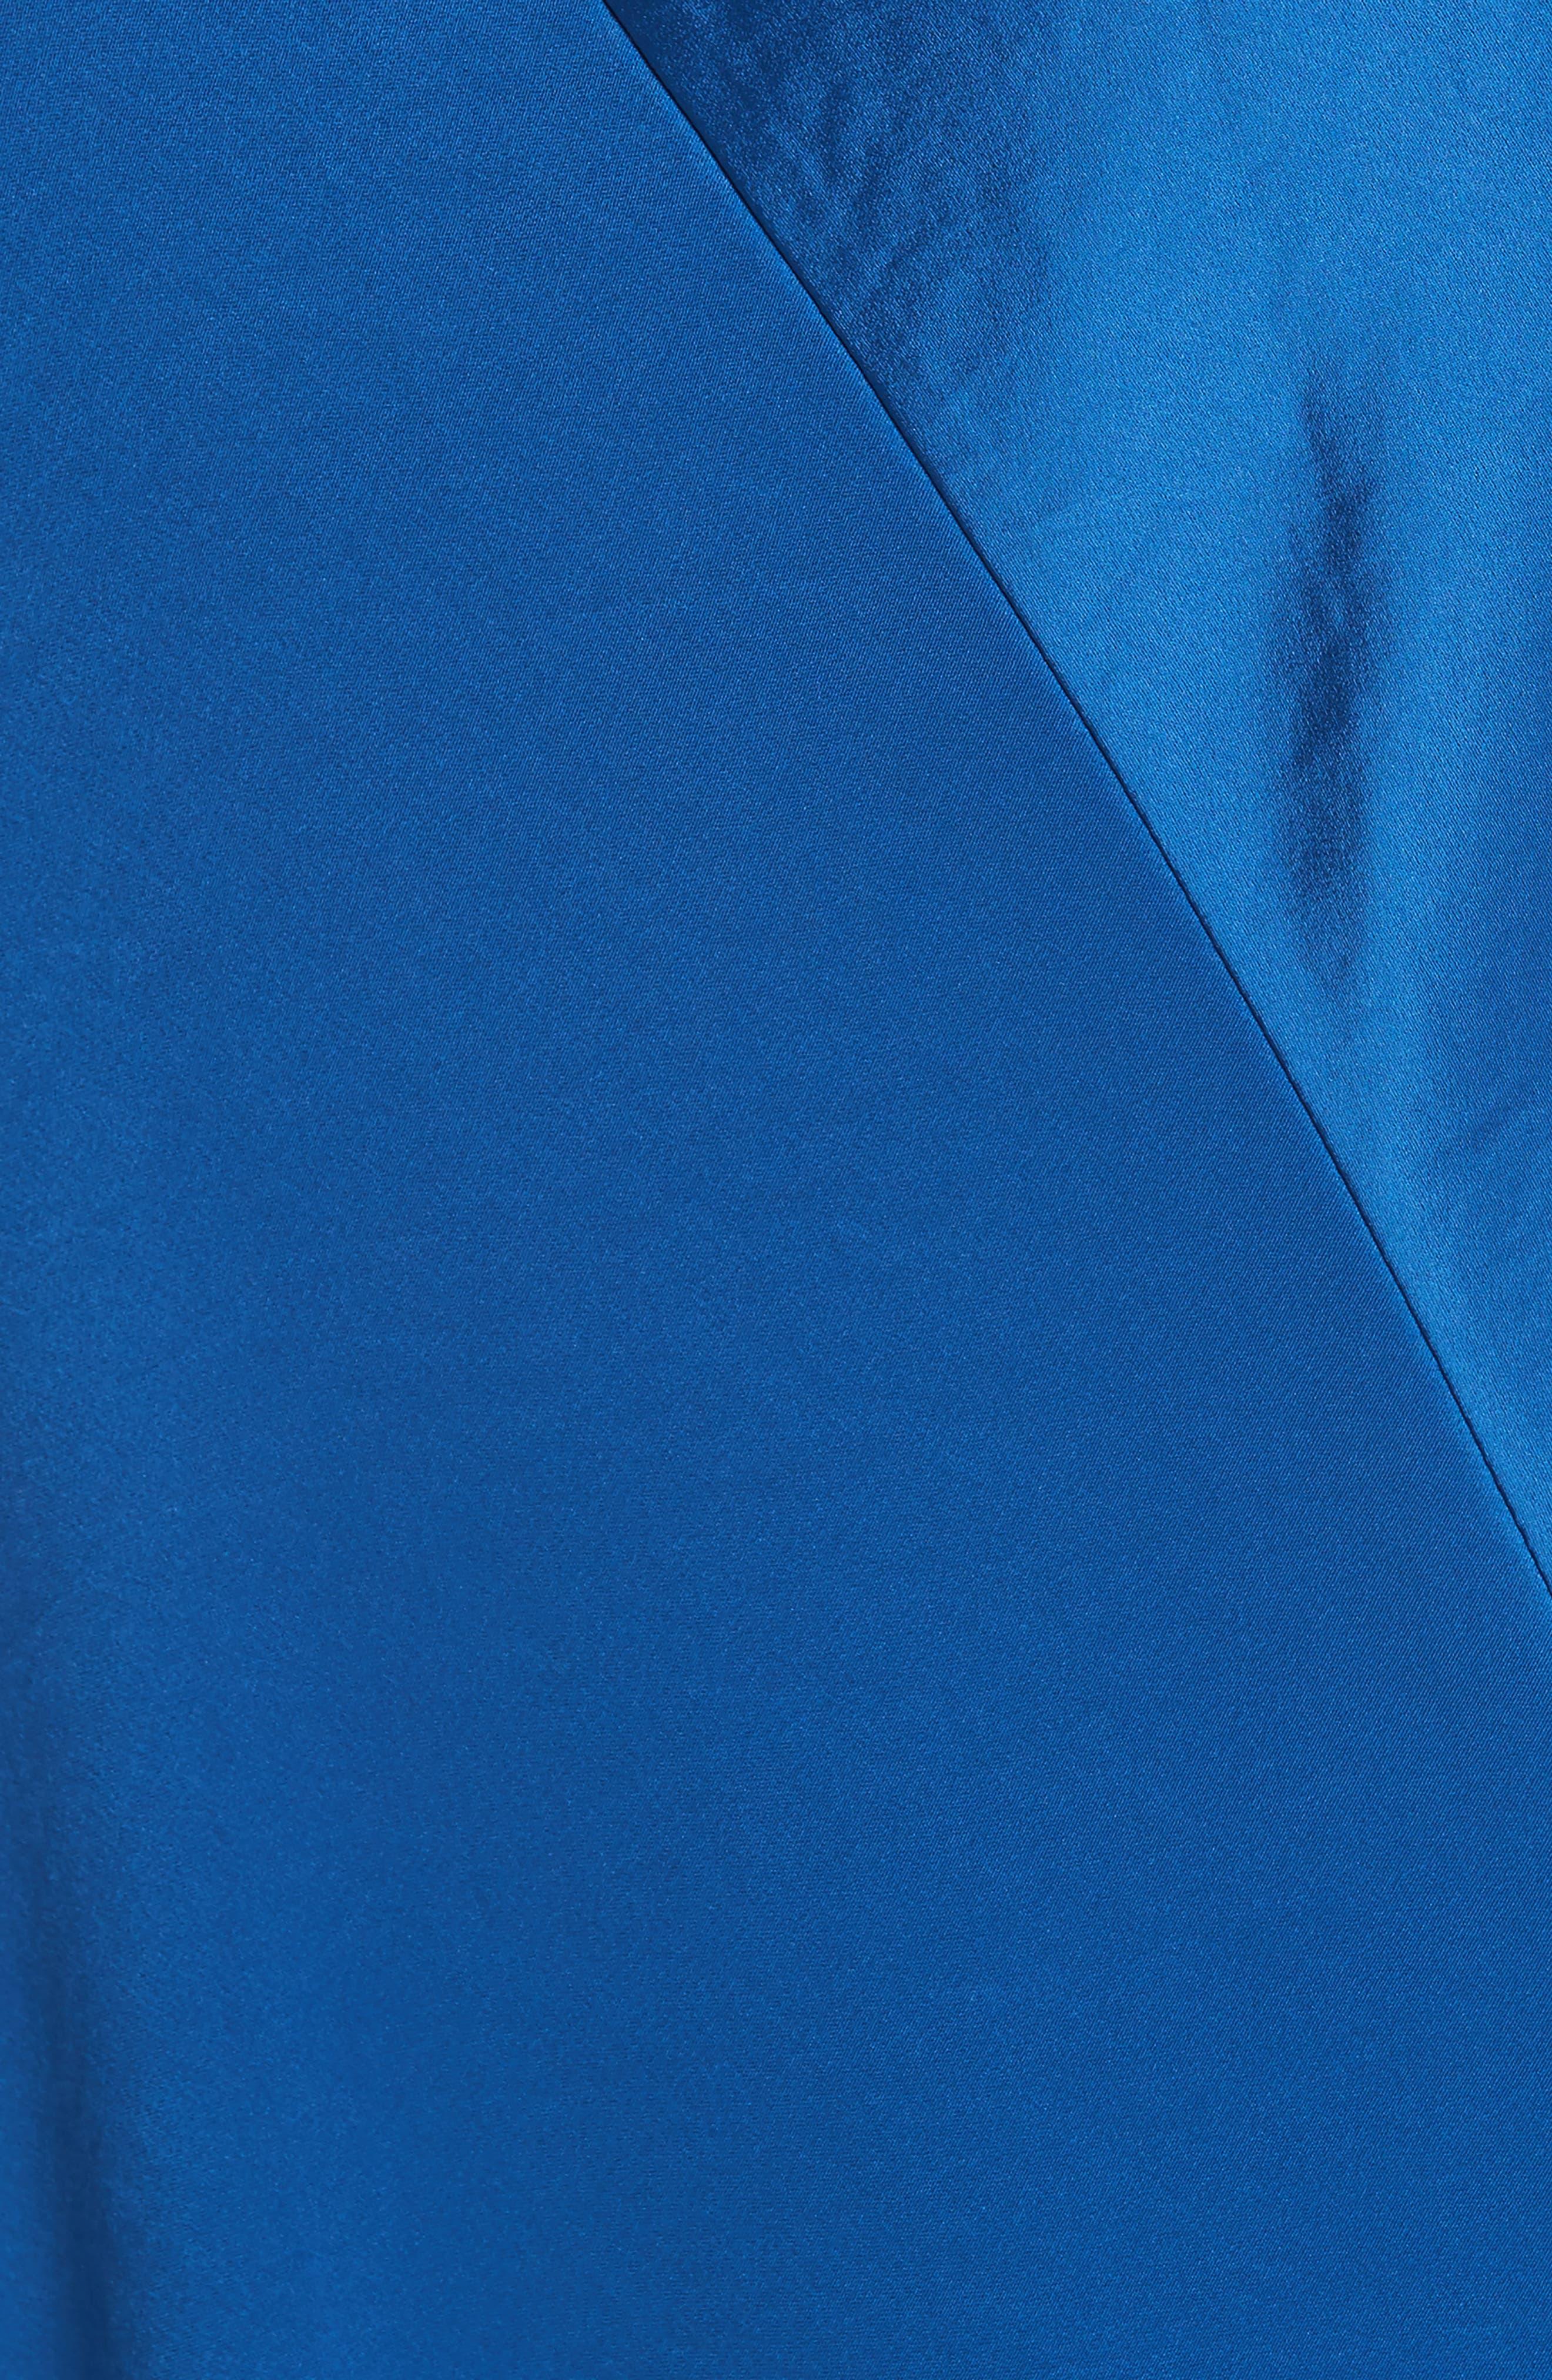 Diane von Furstenberg Open Back A-Line Gown,                             Alternate thumbnail 5, color,                             Cove